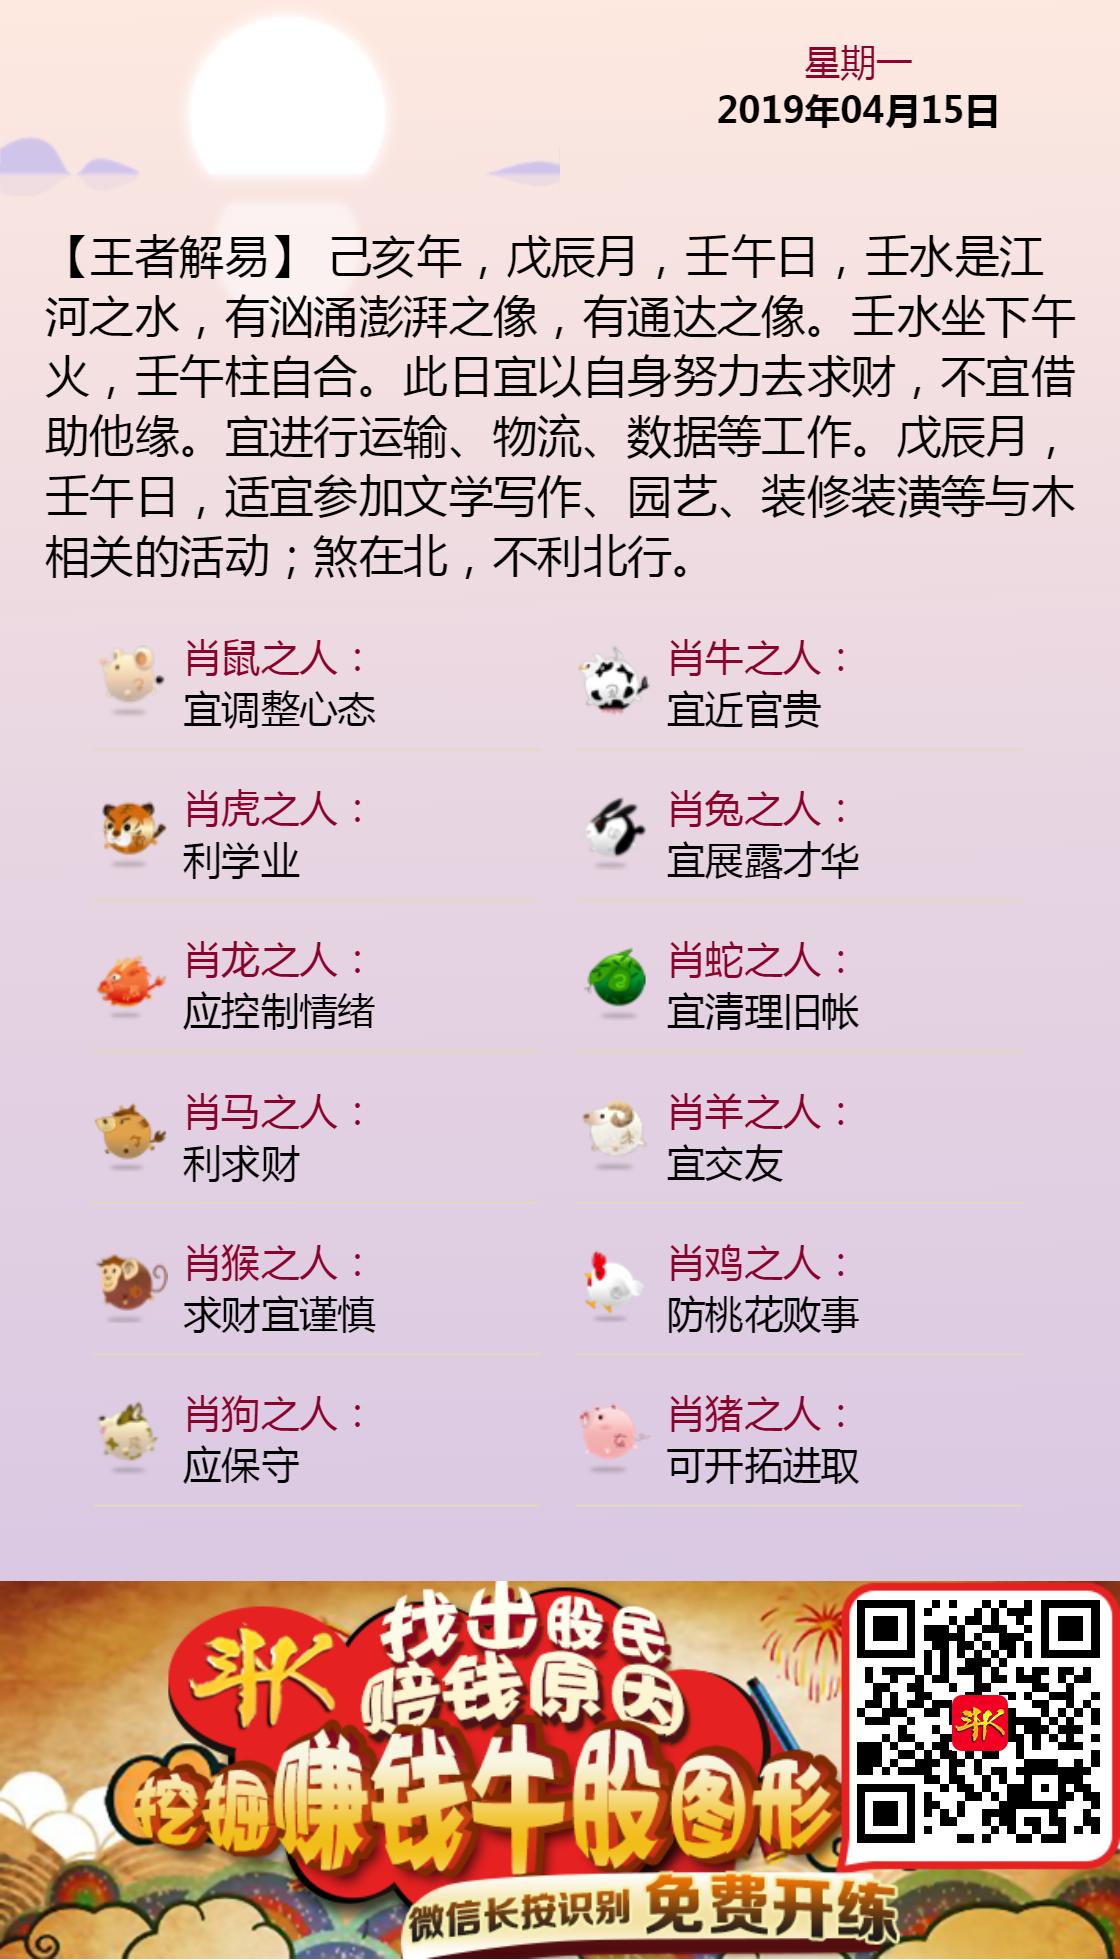 2019.4.15黄历斗K.png